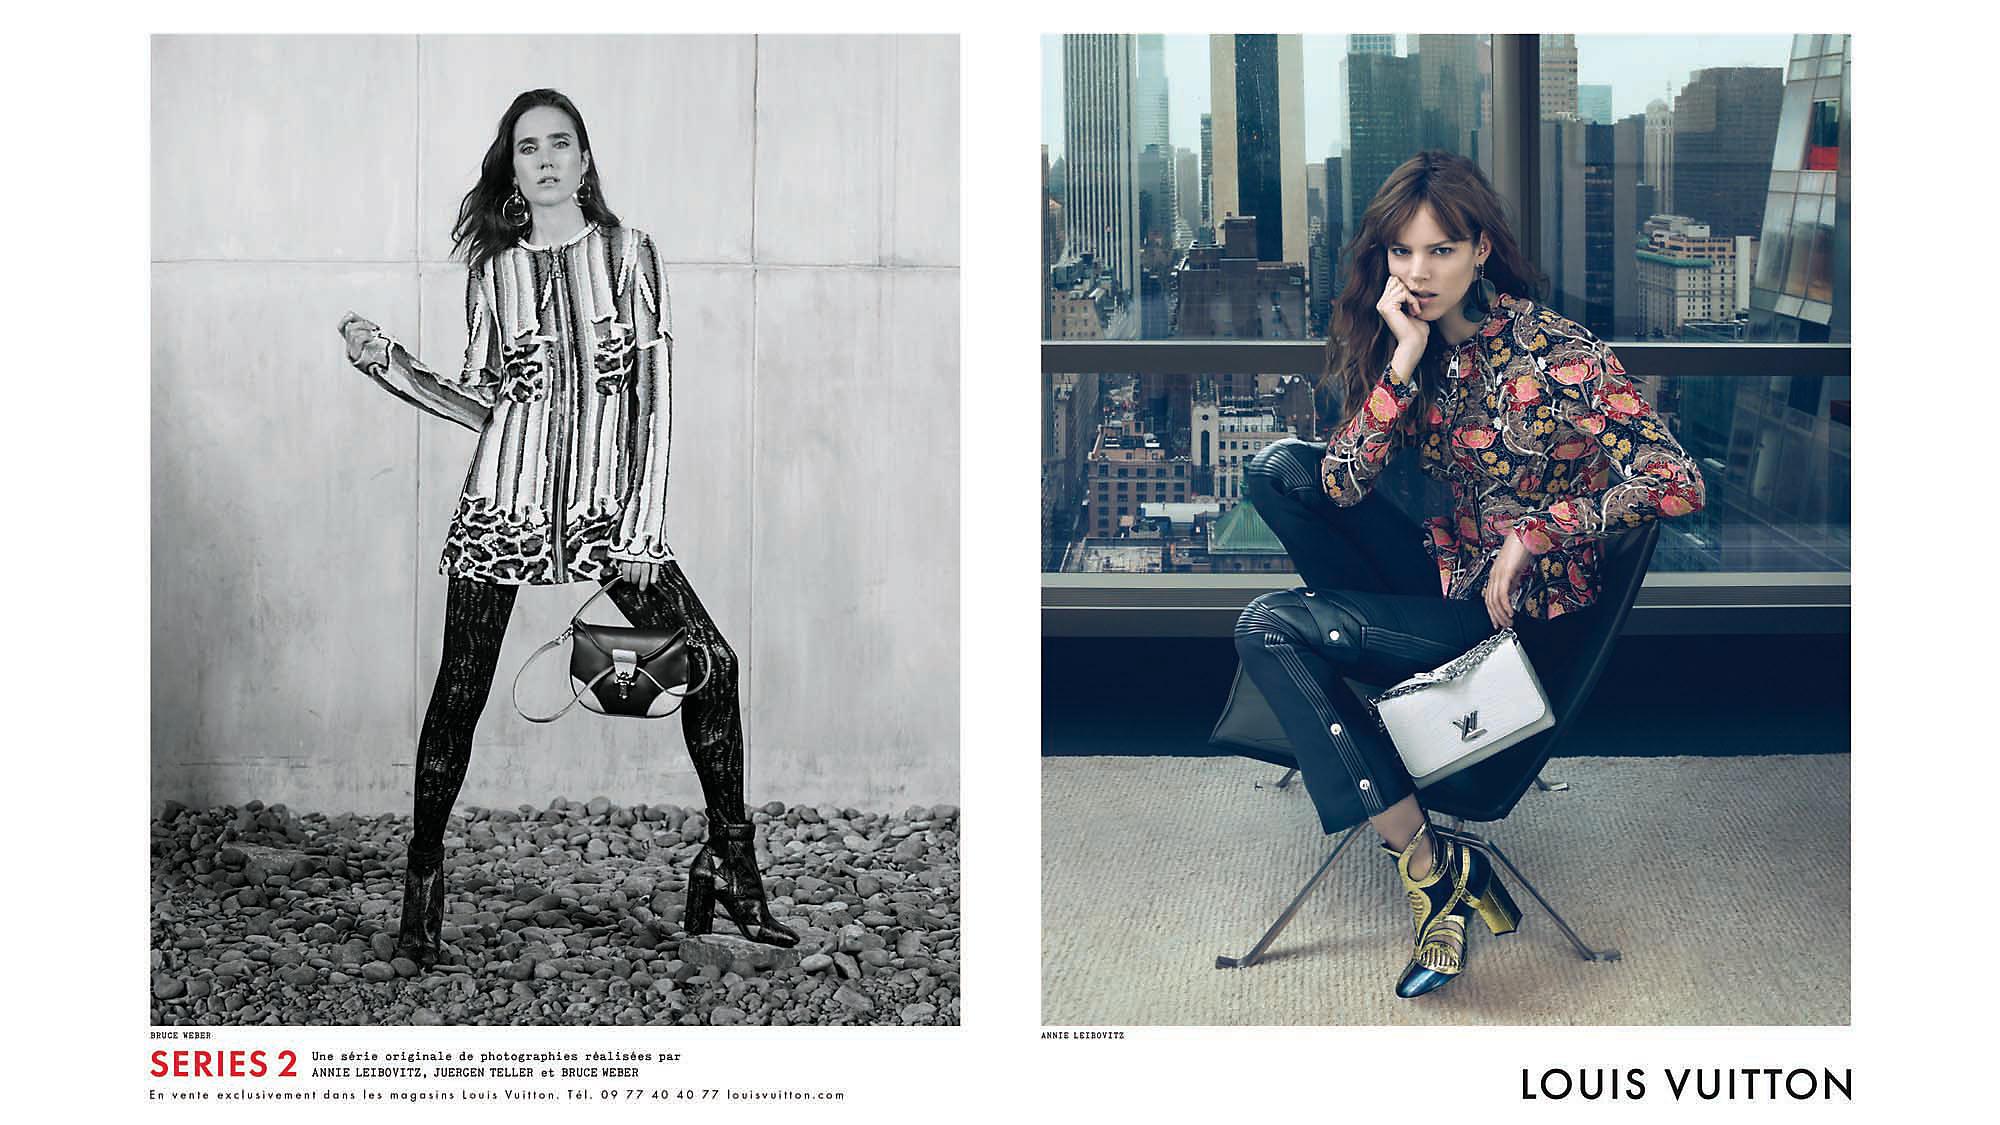 louis-vuitton--Louis_Vuitton_376_The_Series_2_Fashion_Campaign_16_DI3.jpg